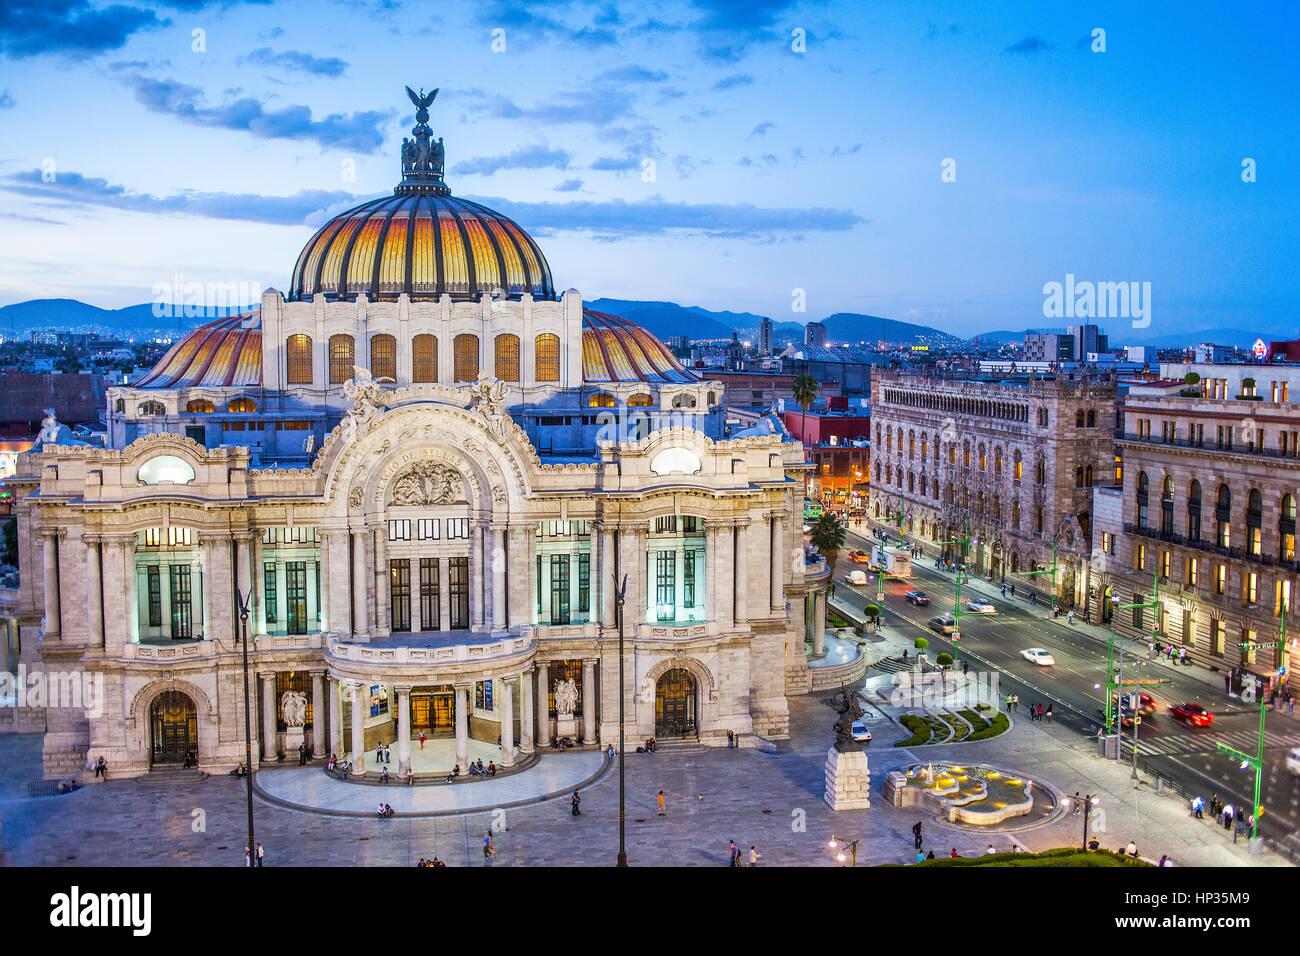 Palacio de Bellas Artes, Mexico City, Mexico - Stock Image